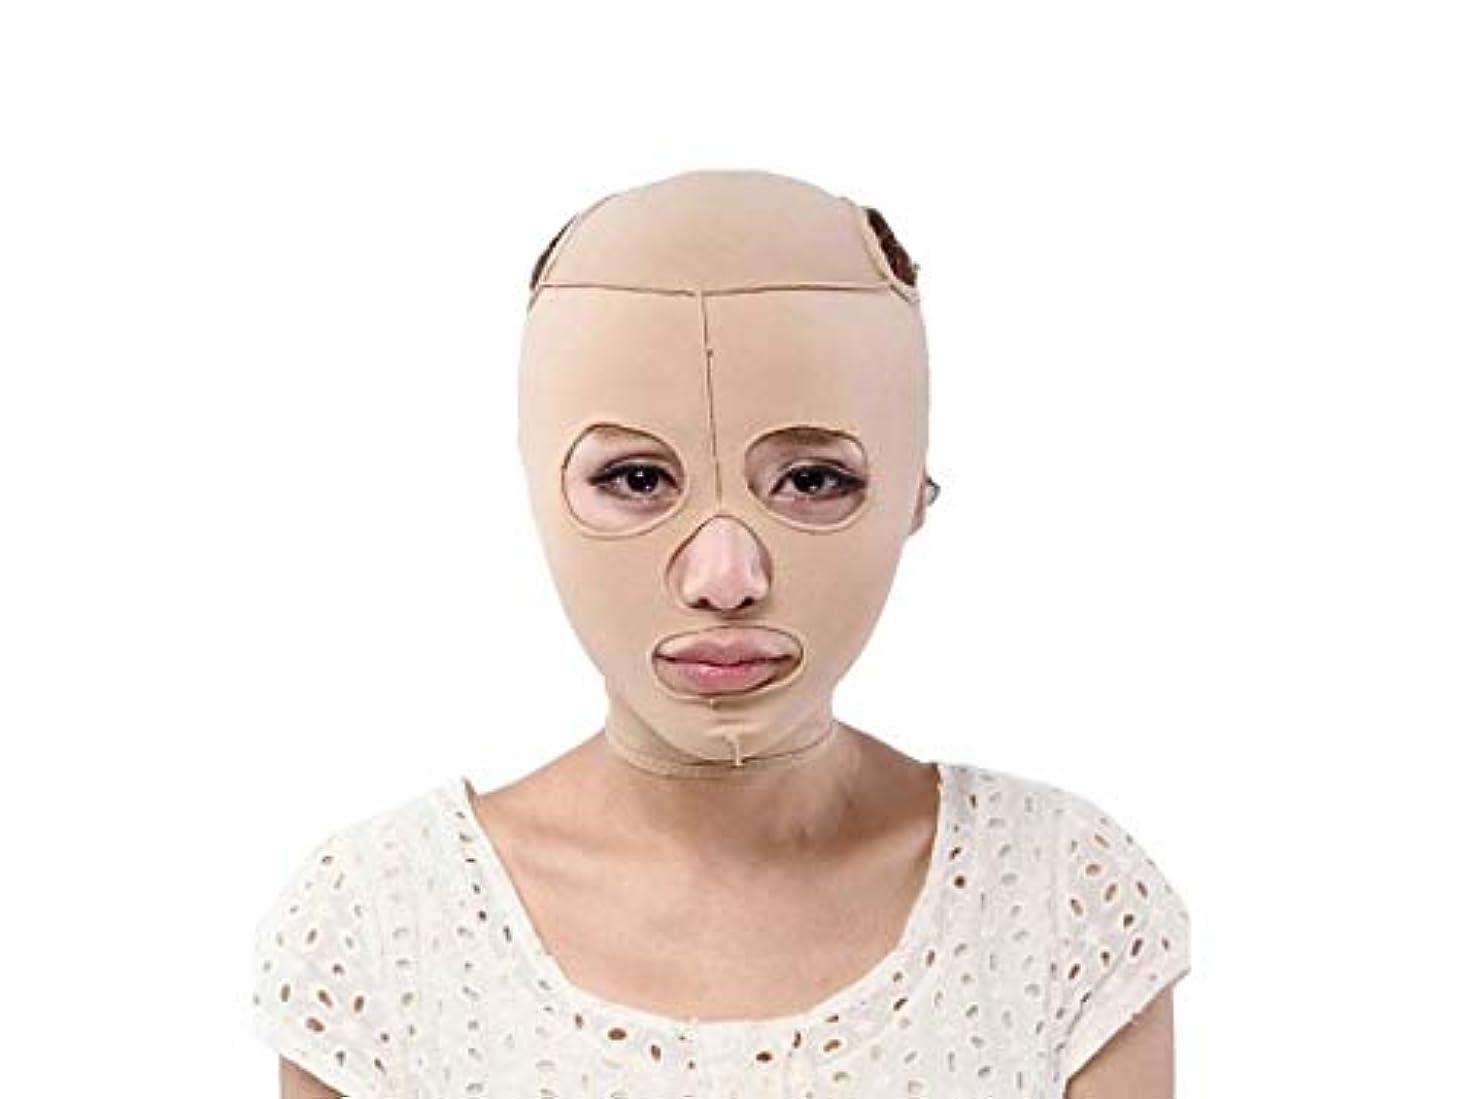 シットコム役に立たないフィット痩身ベルト、フェイスマスクシンフェイス機器リフティング引き締めVフェイス男性と女性フェイスリフティングステッカーダブルチンフェイスリフティングフェイスマスク包帯フェイシャルマッサージ(サイズ:XL)